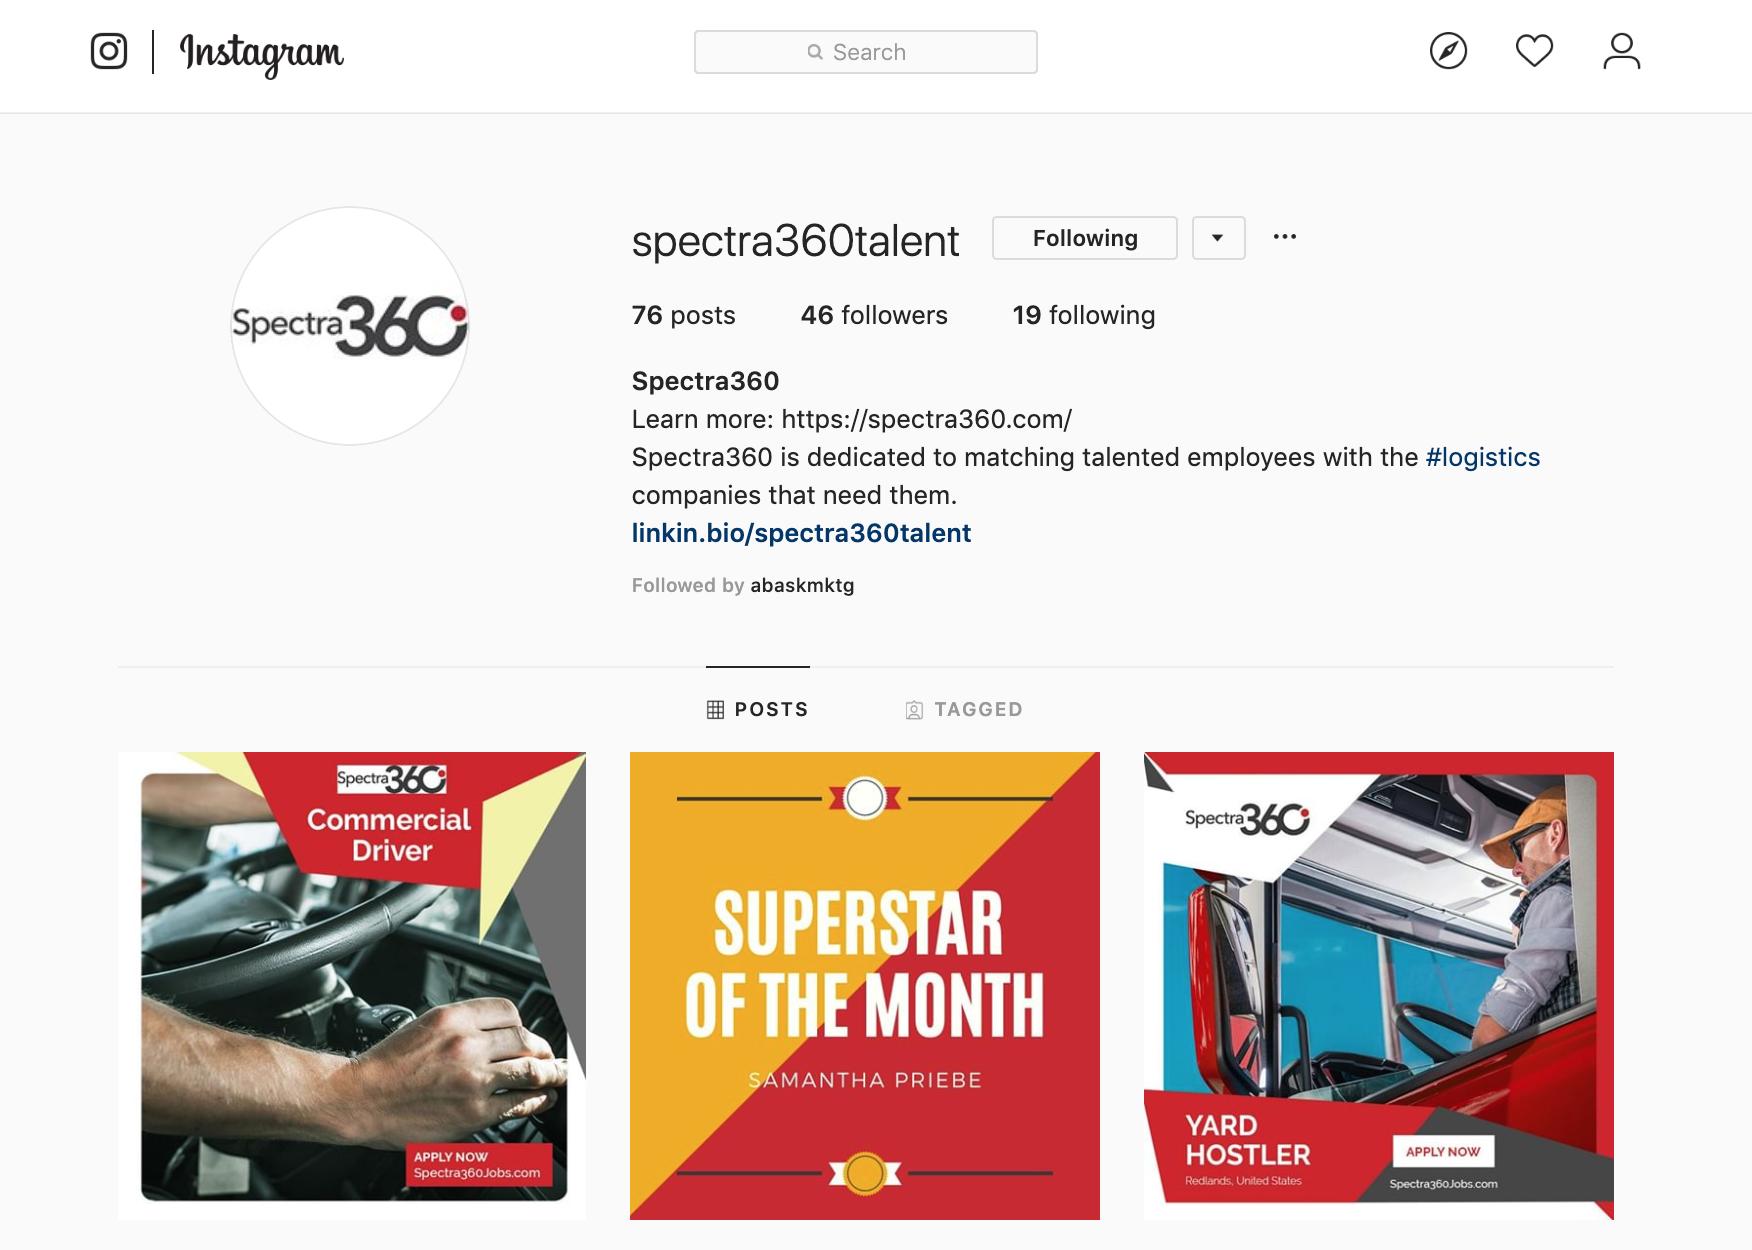 Instagram Spectra360